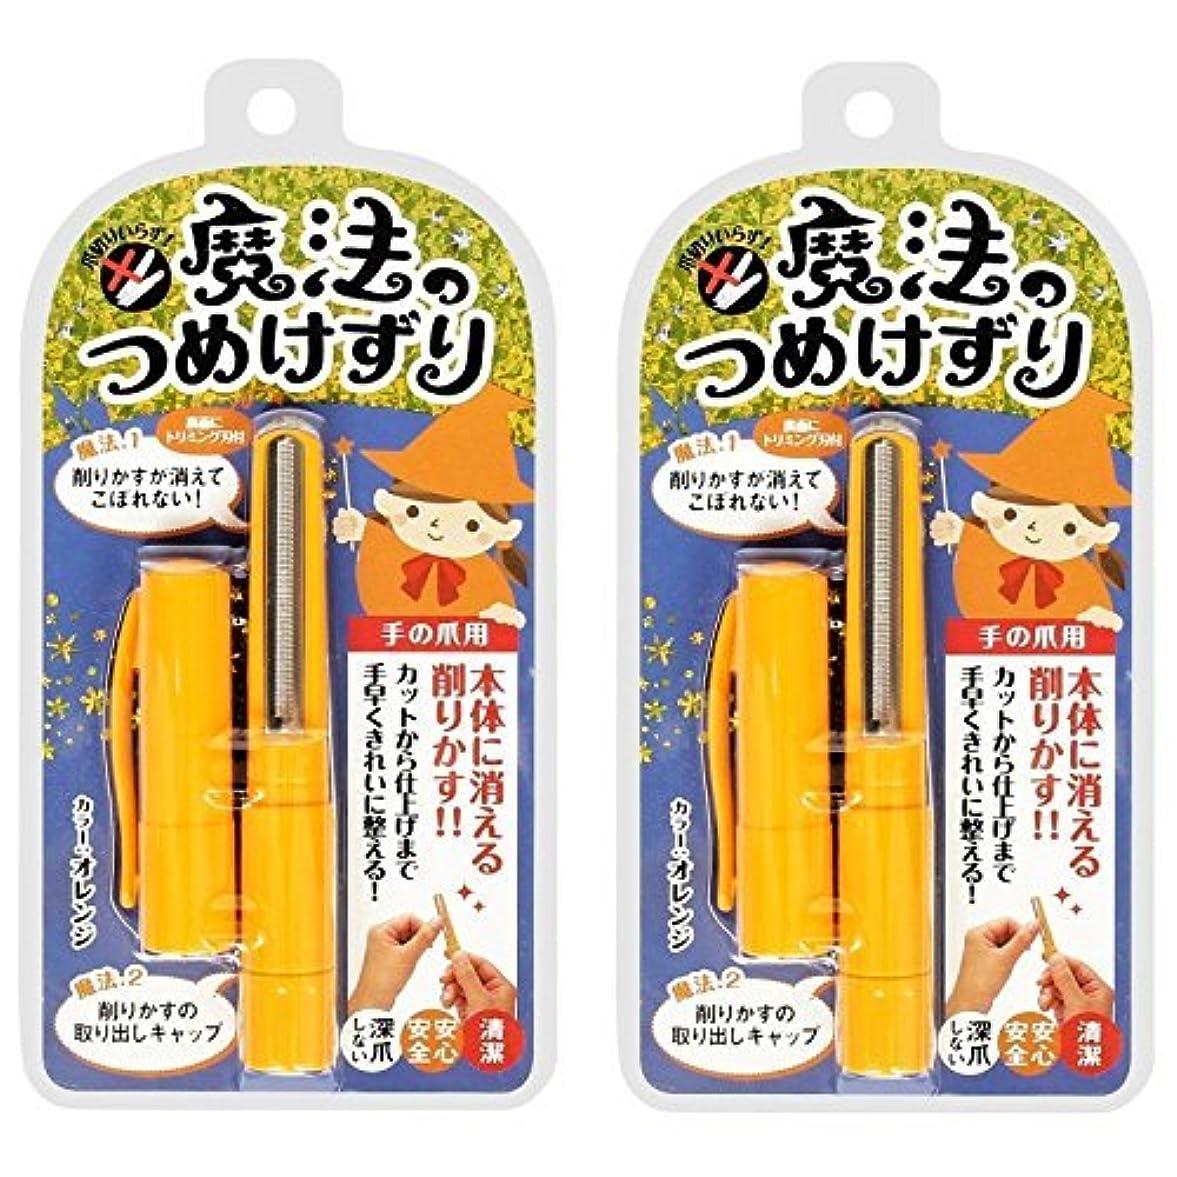 【セット品】松本金型 魔法のつめけずり MM-090 オレンジ ×2個